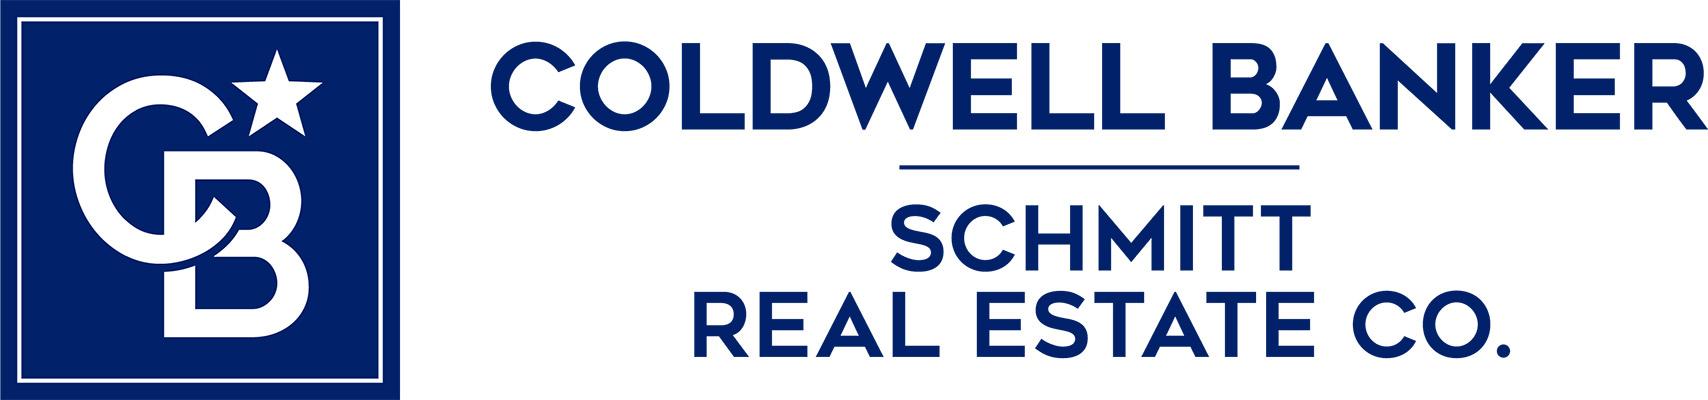 Jessica Borraccino - Coldwell Banker Logo